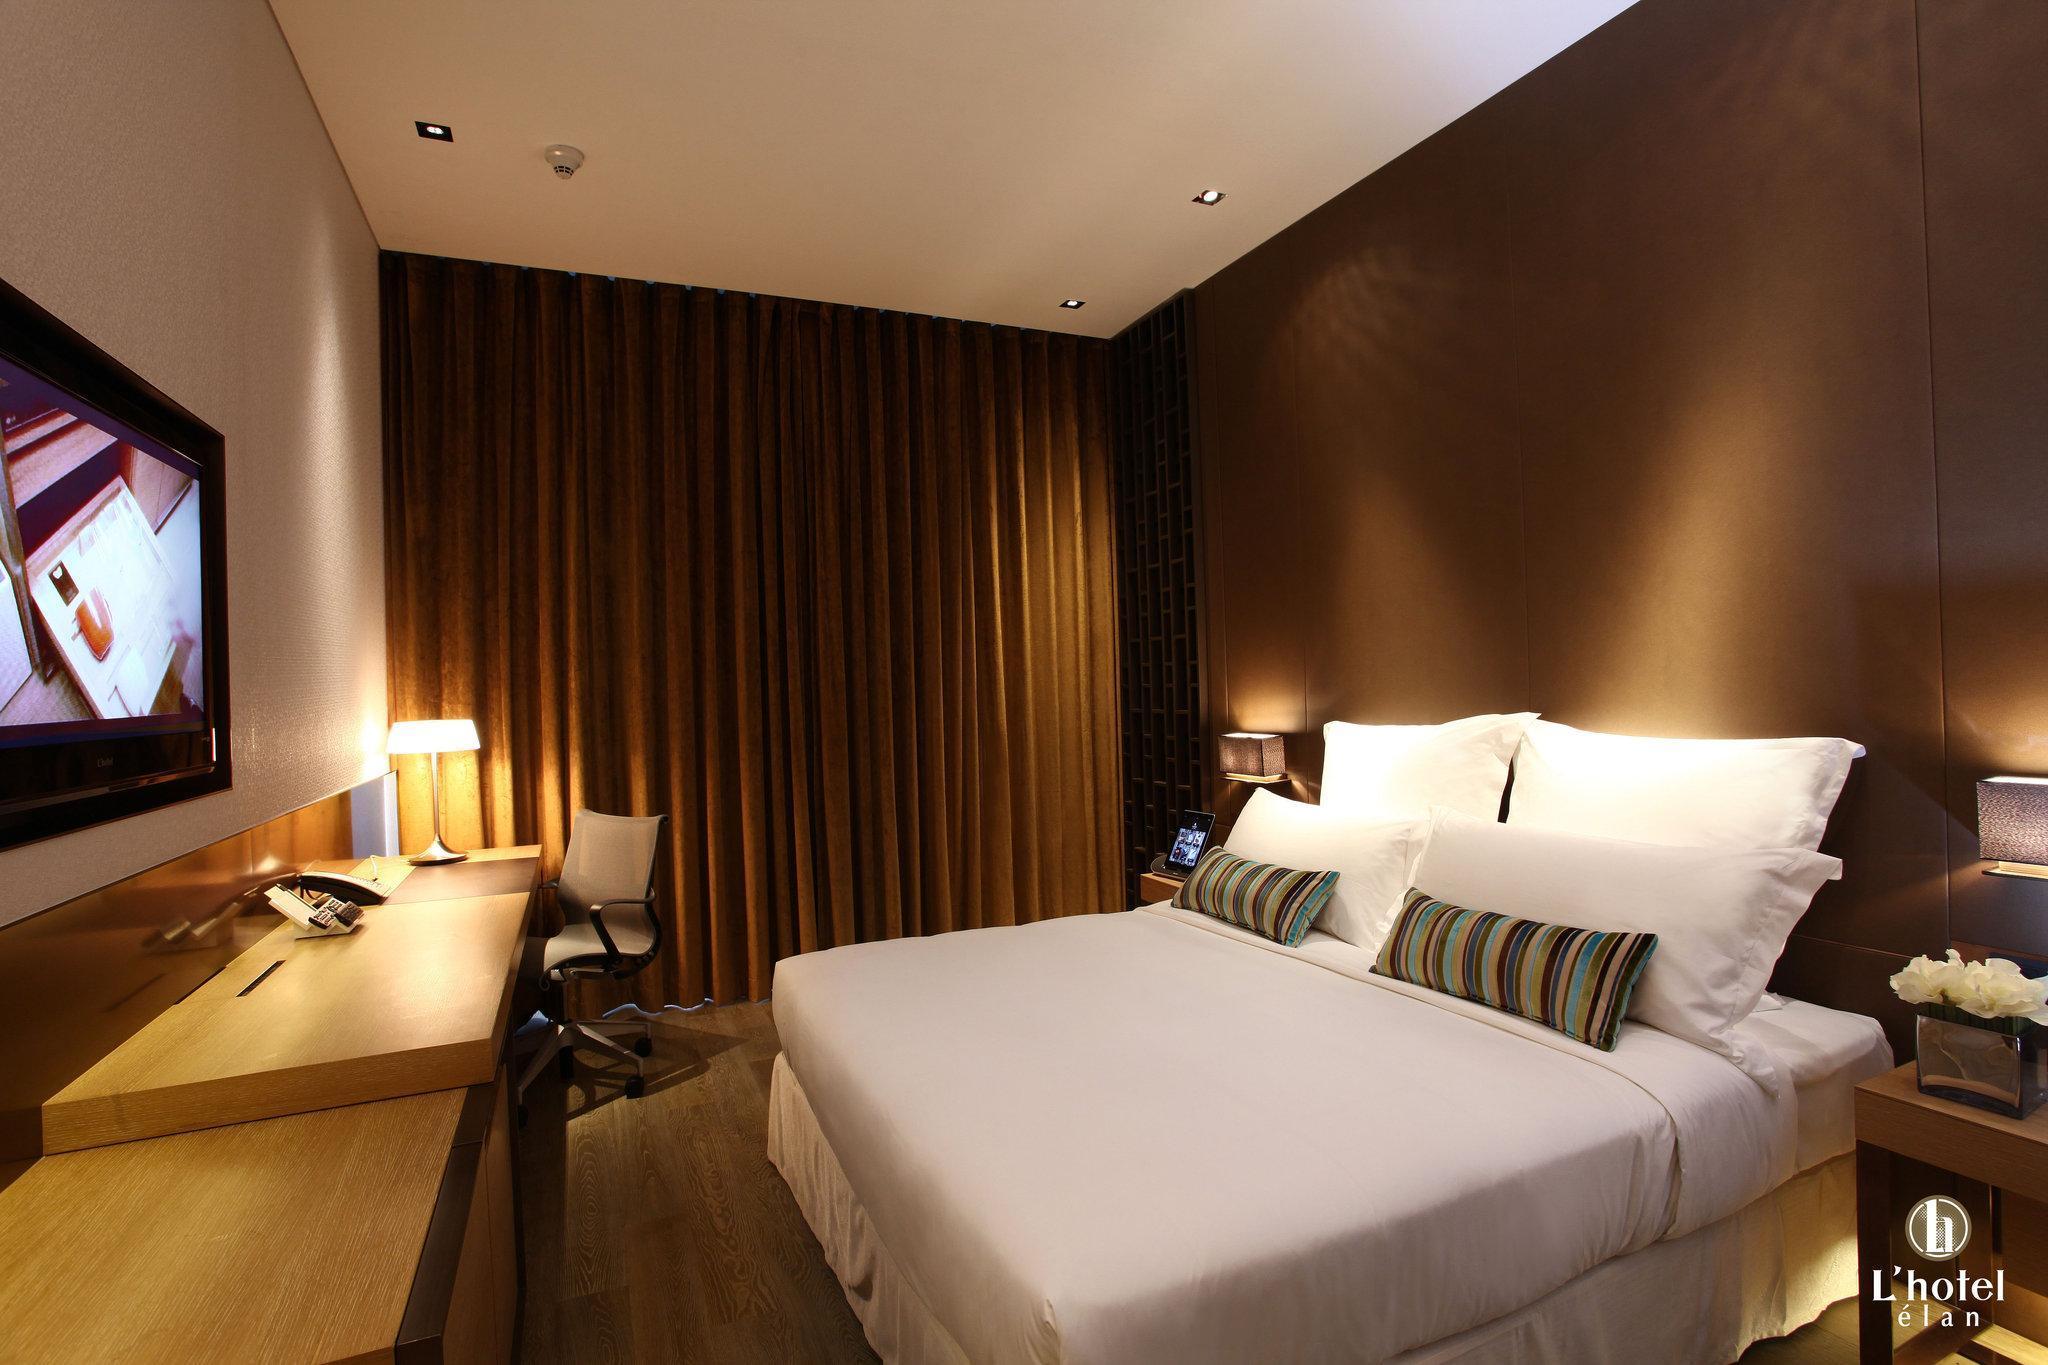 L'hotel elan